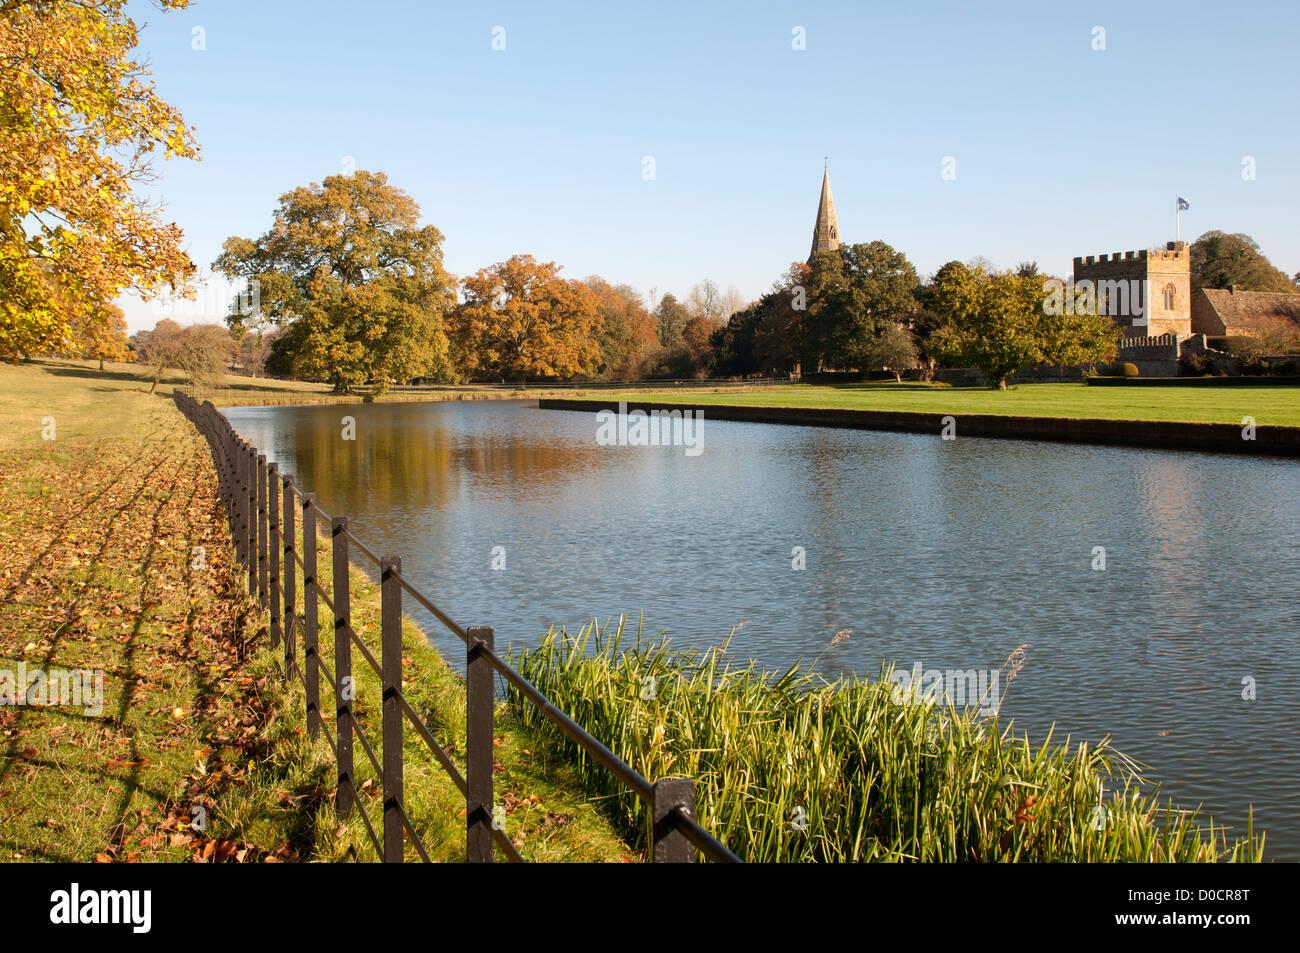 Broughton Castle moat, Oxfordshire, UK - Stock Image